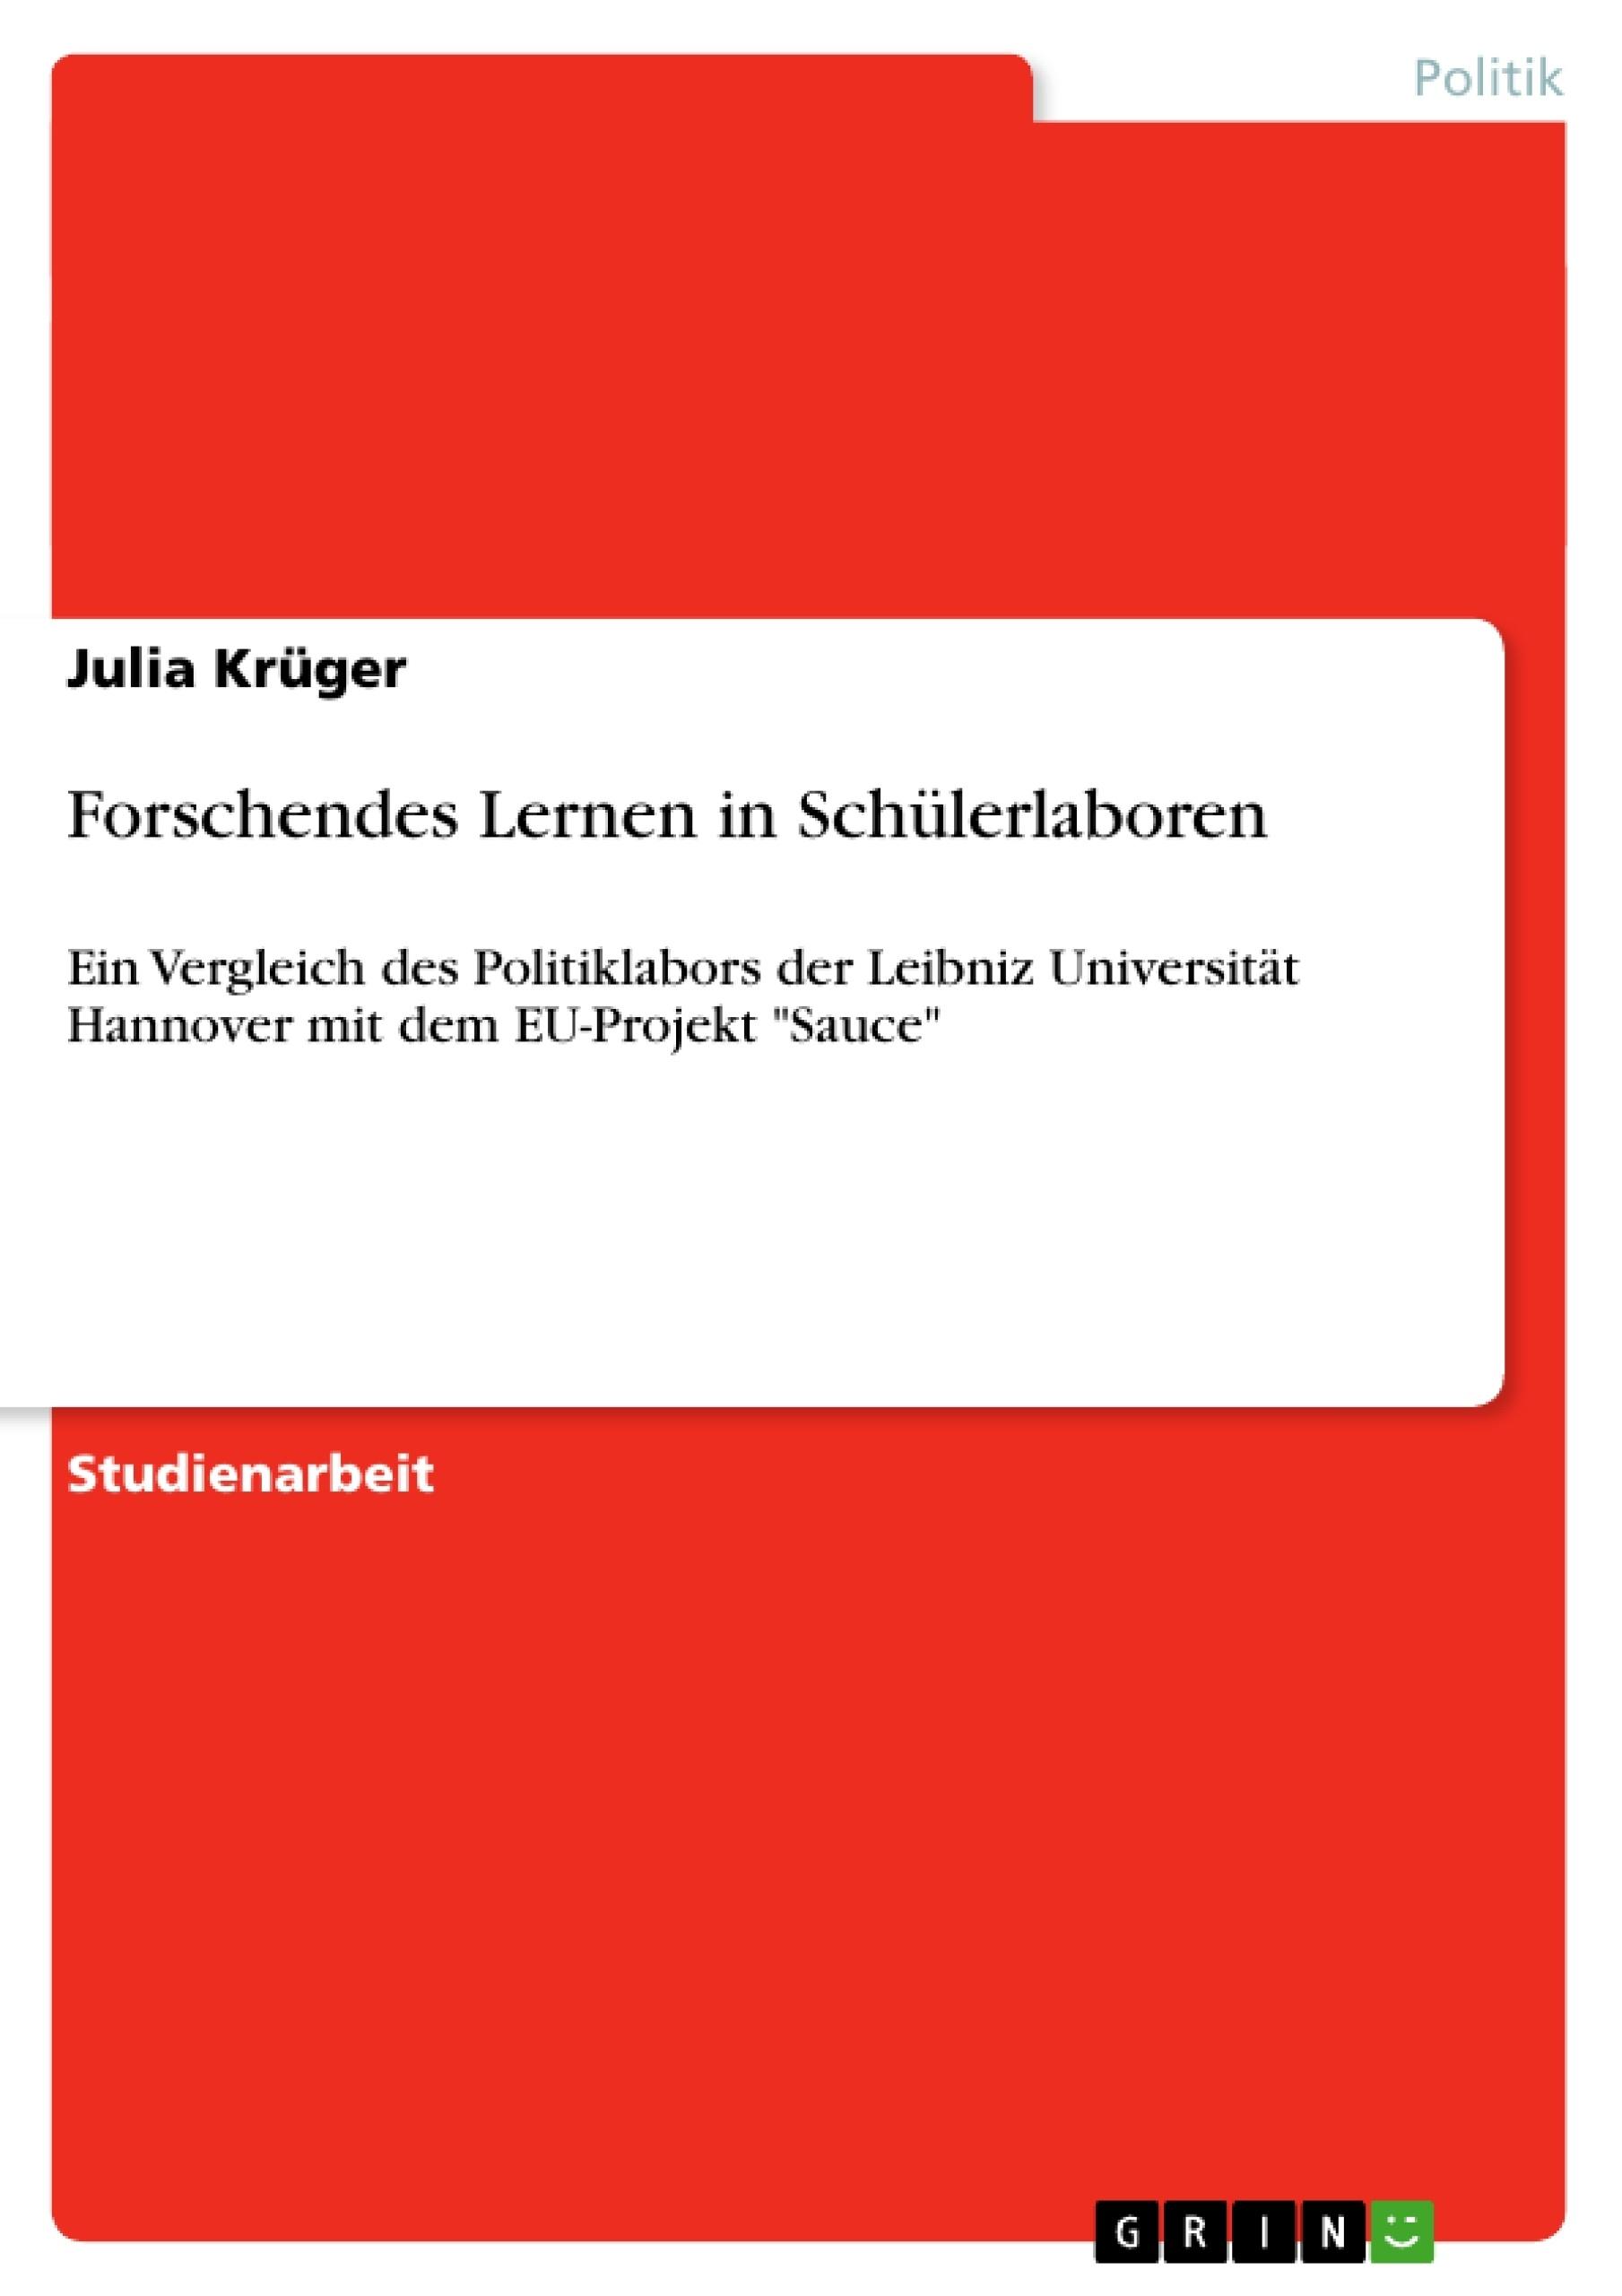 Titel: Forschendes Lernen in Schülerlaboren